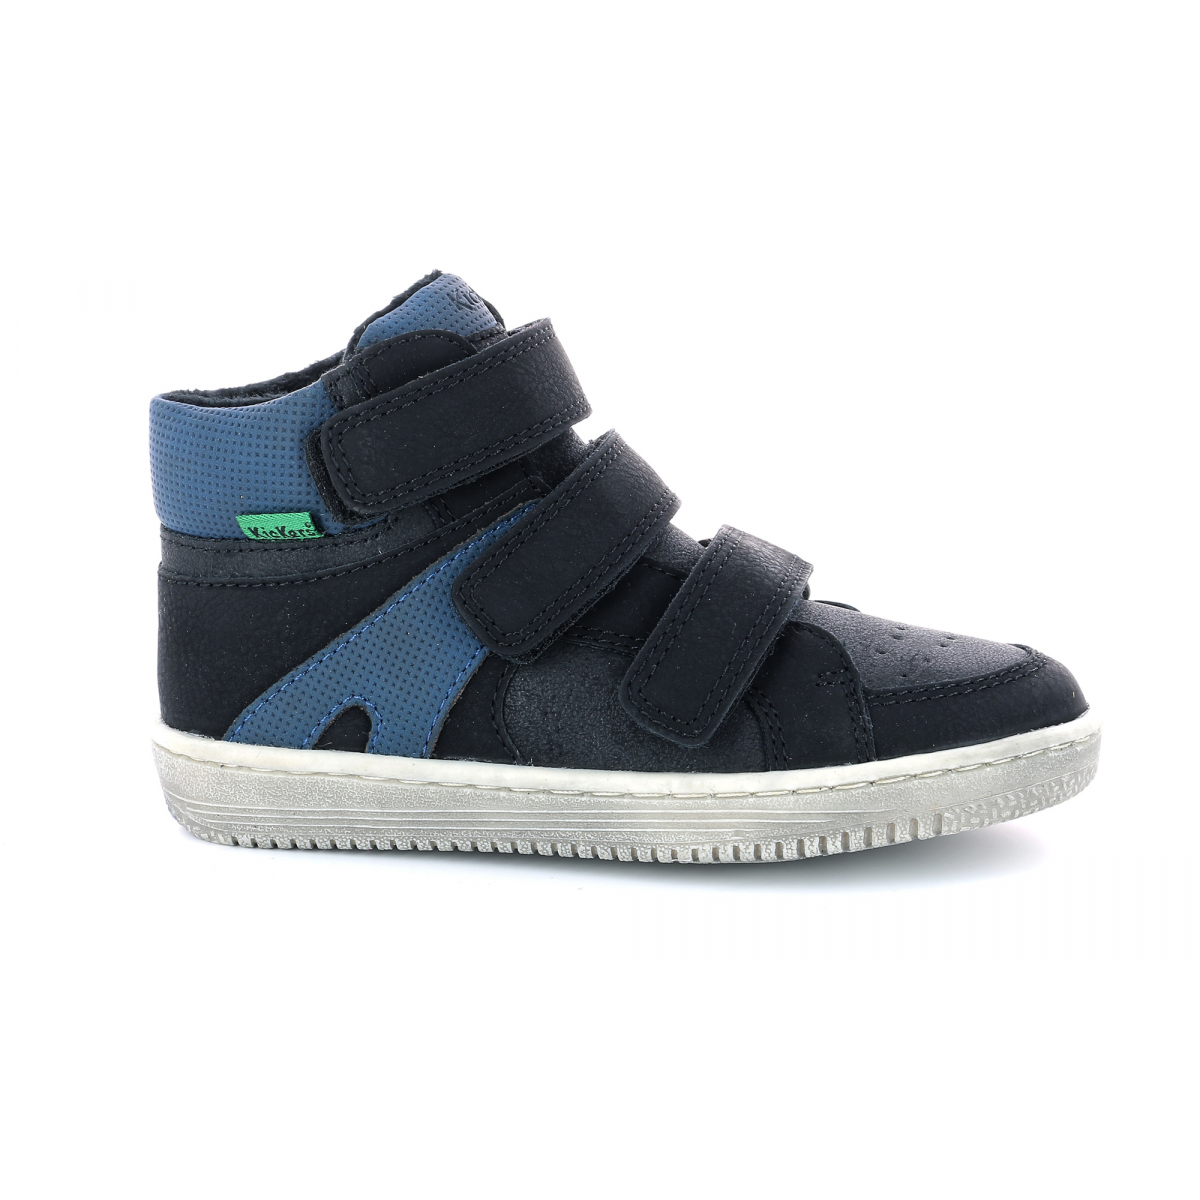 kickers-enfant-garçon-lohan-noir-bleu_2